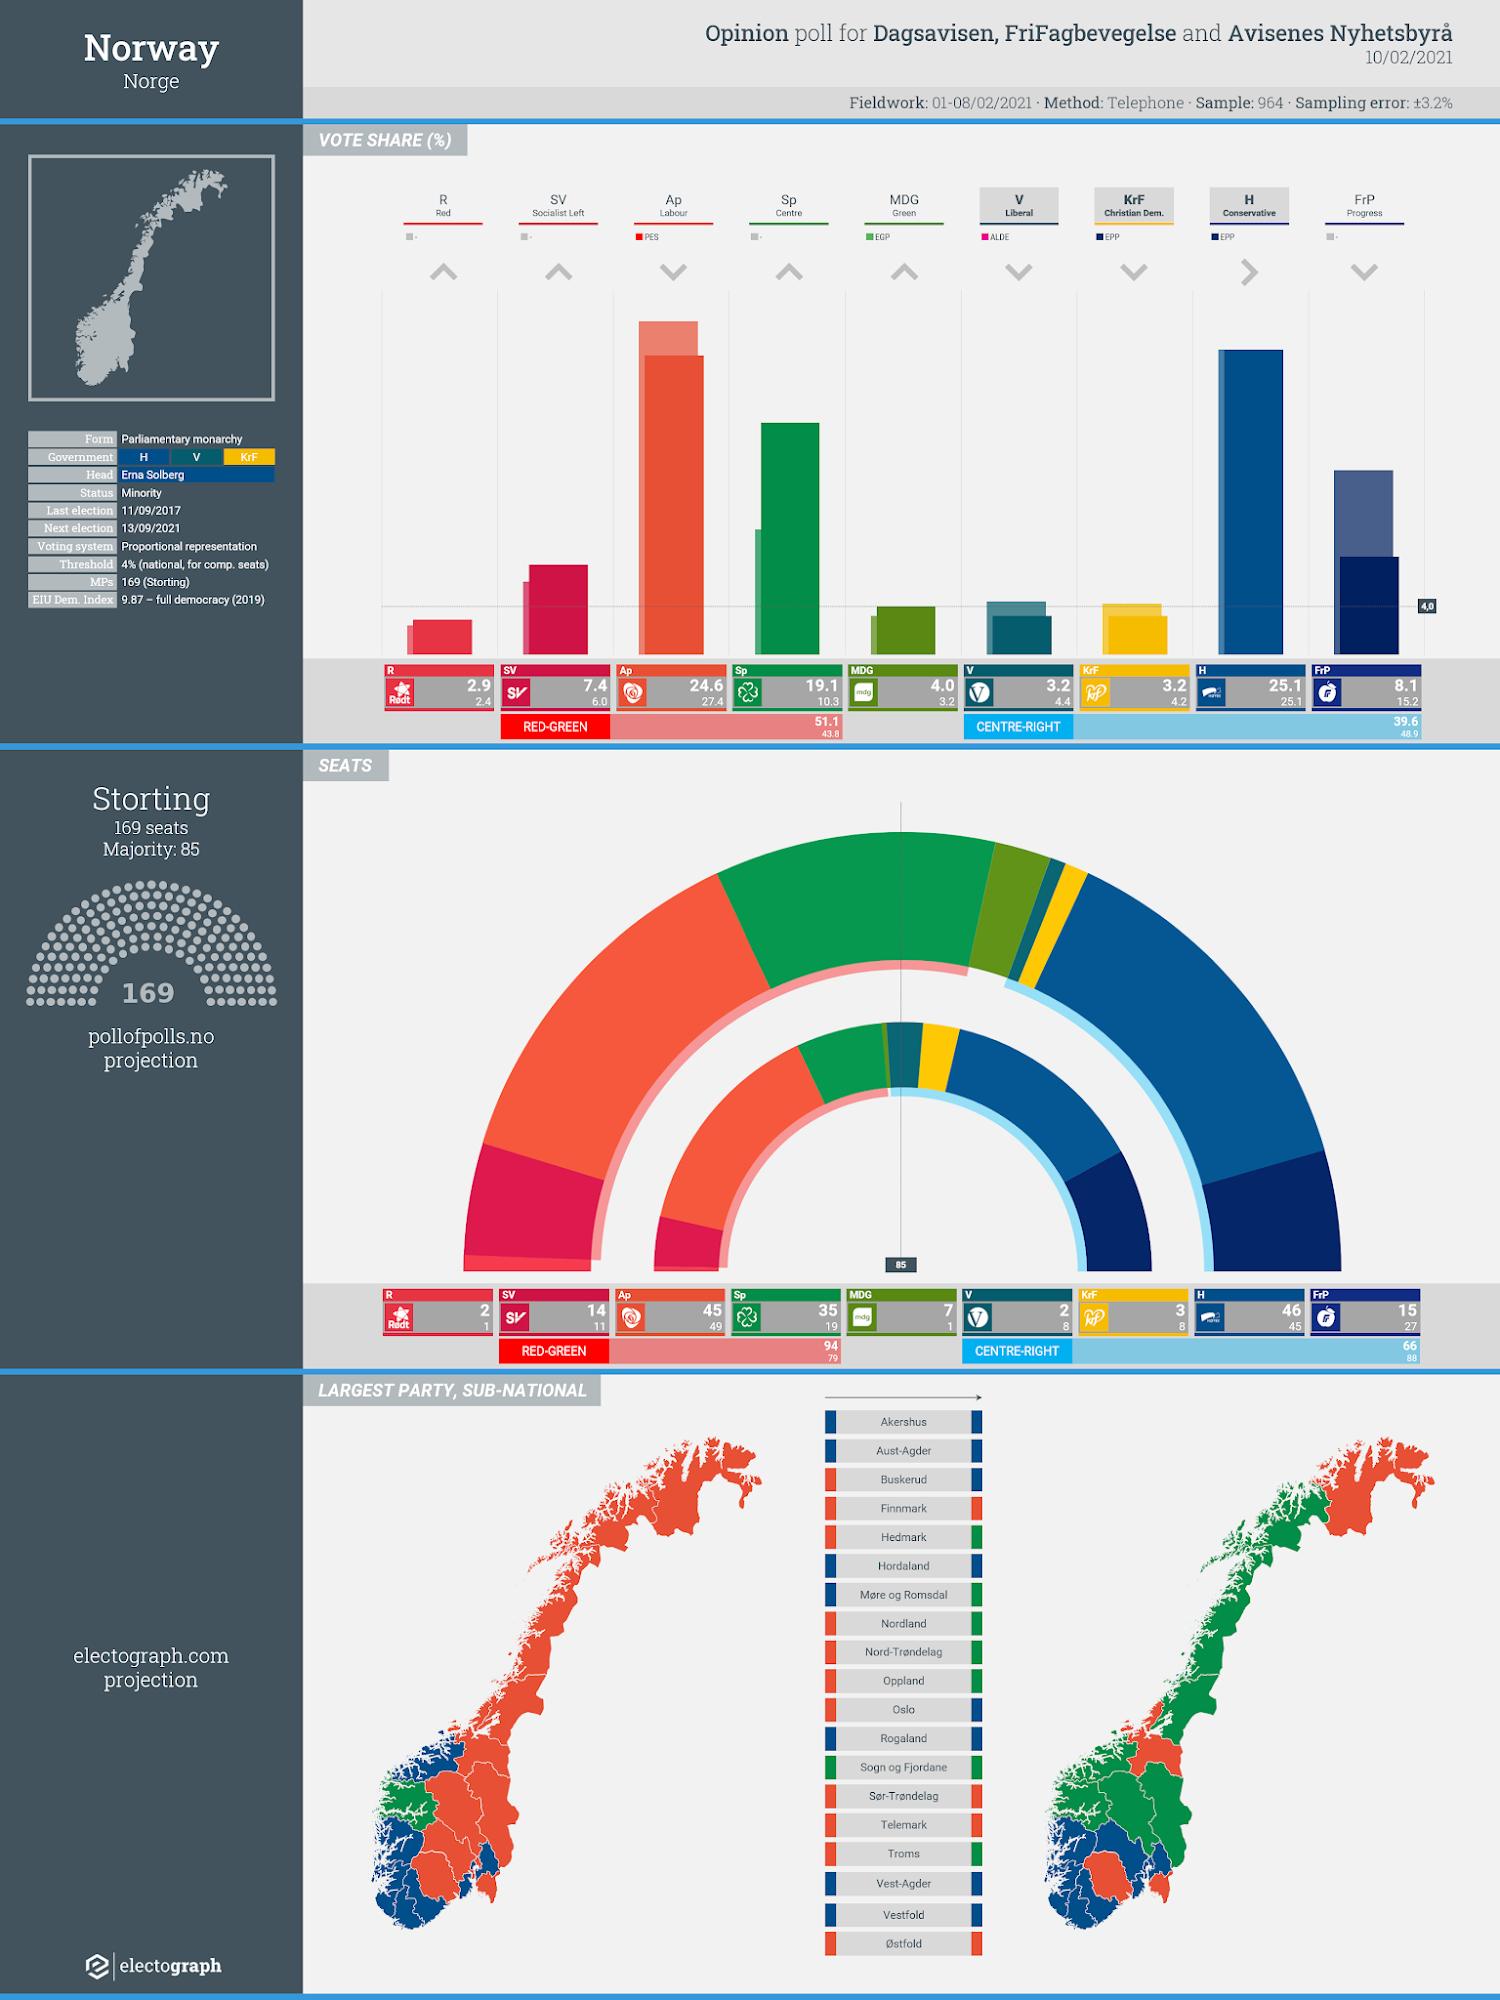 NORWAY: Opinion poll chart for FriFagbevegelse, Dagsavisen and Avisenes Nyhetsbyrå, 10 February 2021